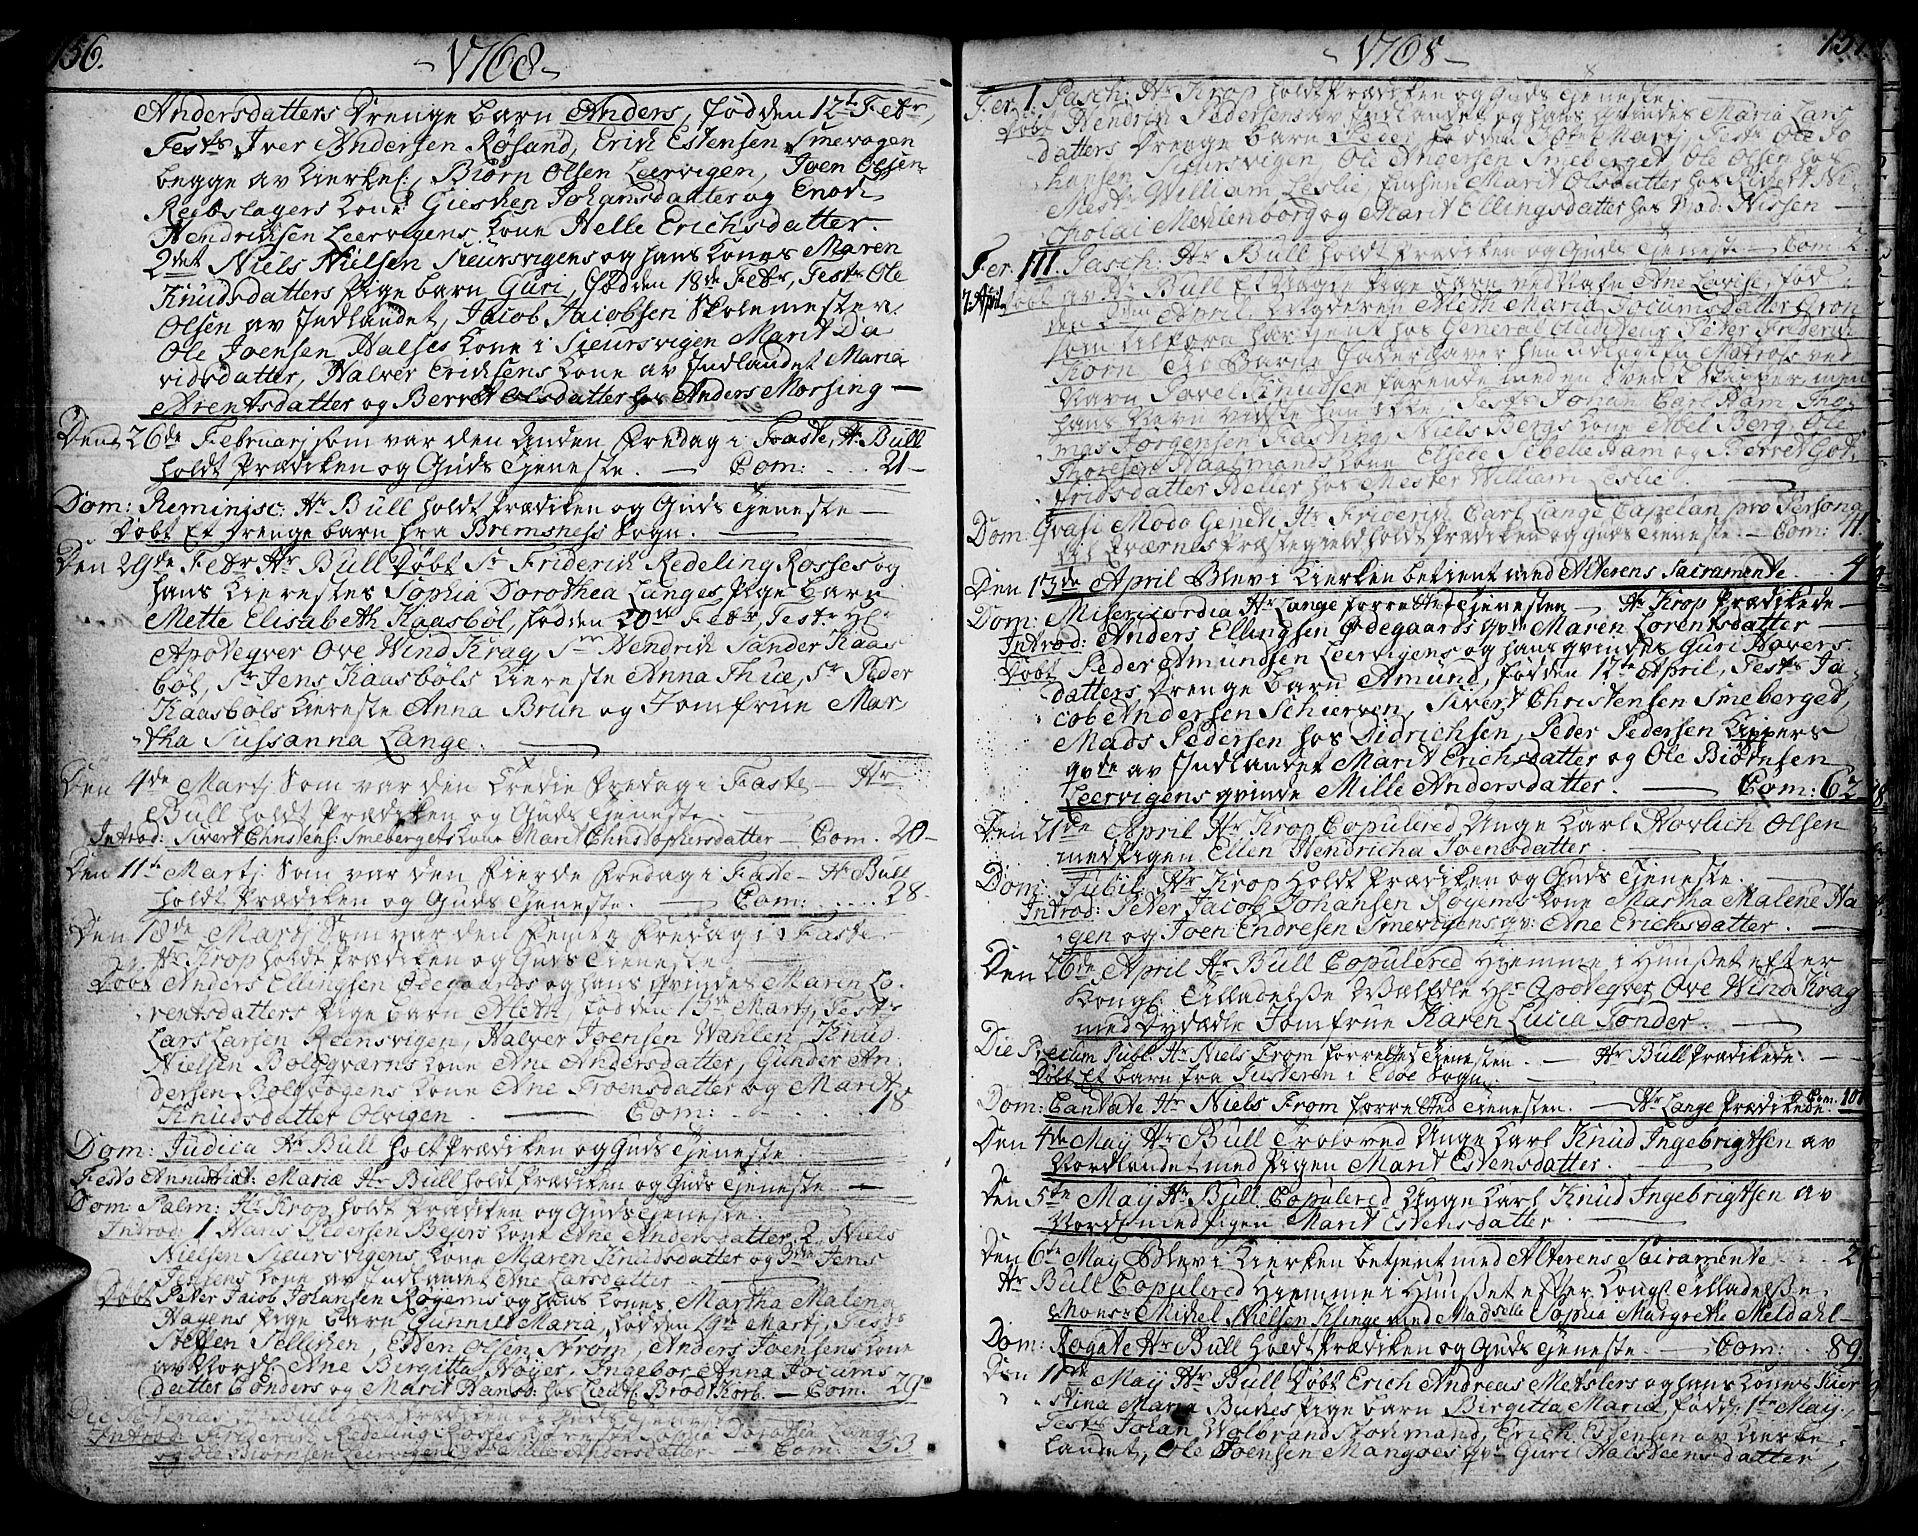 SAT, Ministerialprotokoller, klokkerbøker og fødselsregistre - Møre og Romsdal, 572/L0840: Ministerialbok nr. 572A03, 1754-1784, s. 156-157